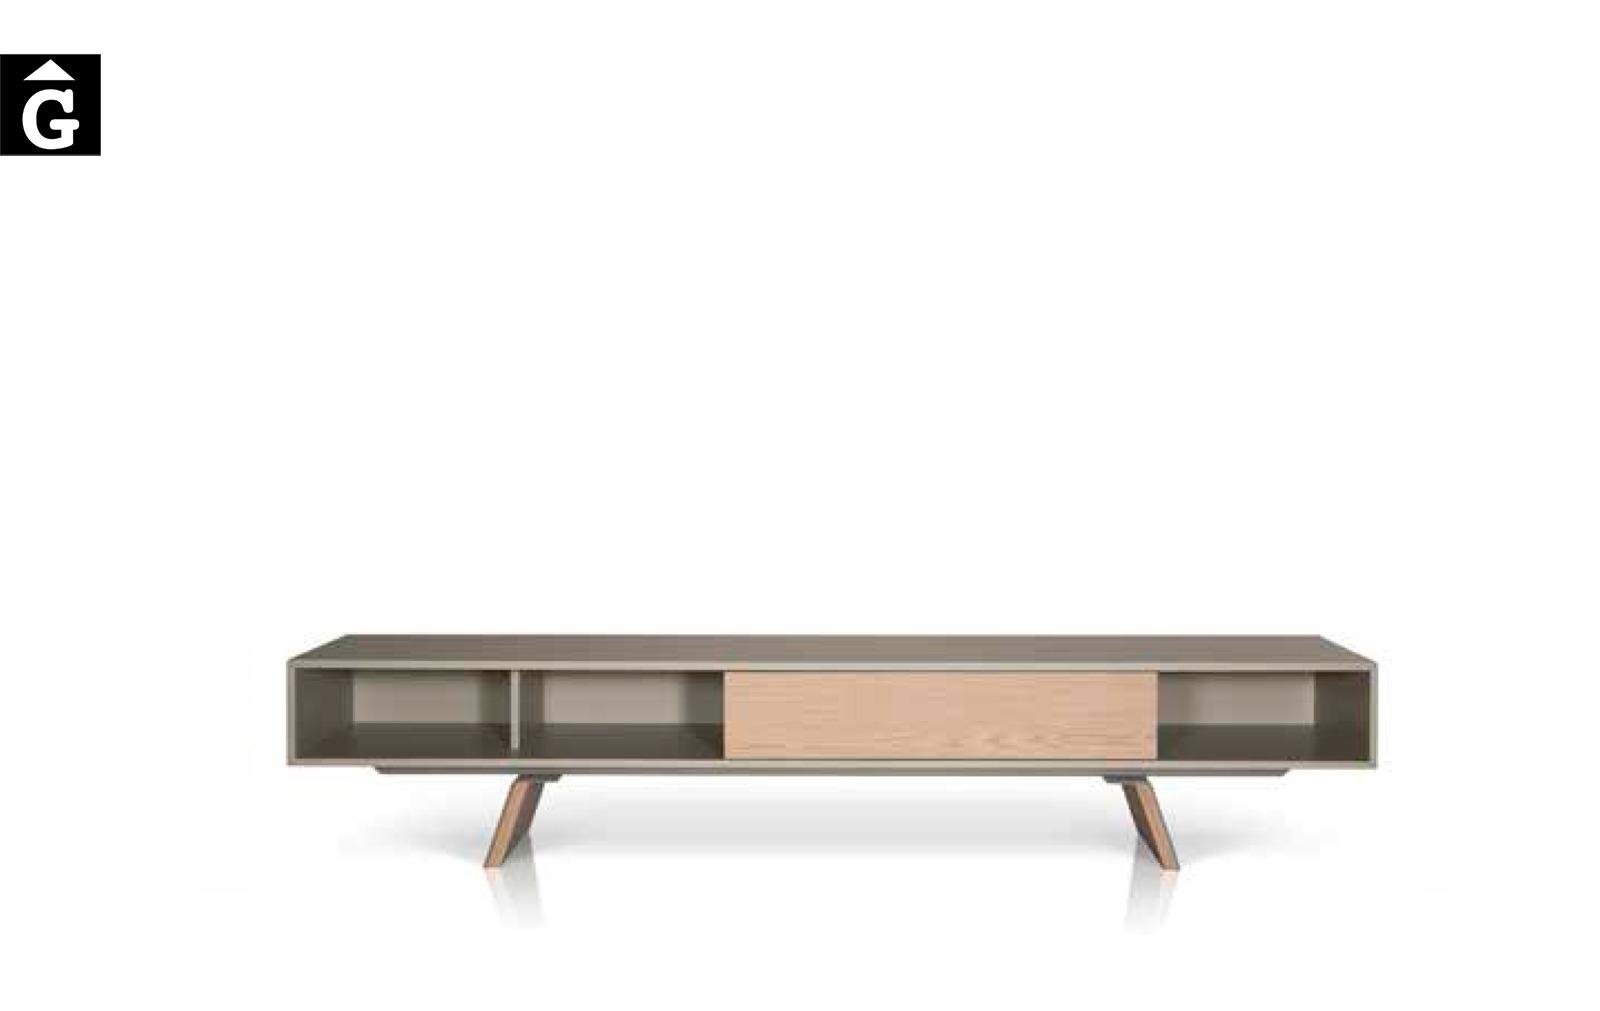 16 3 Moble TV E-klipse laca i xapa natural al2 fabricant de mobles Grec distribuïdor mobles Gifreu